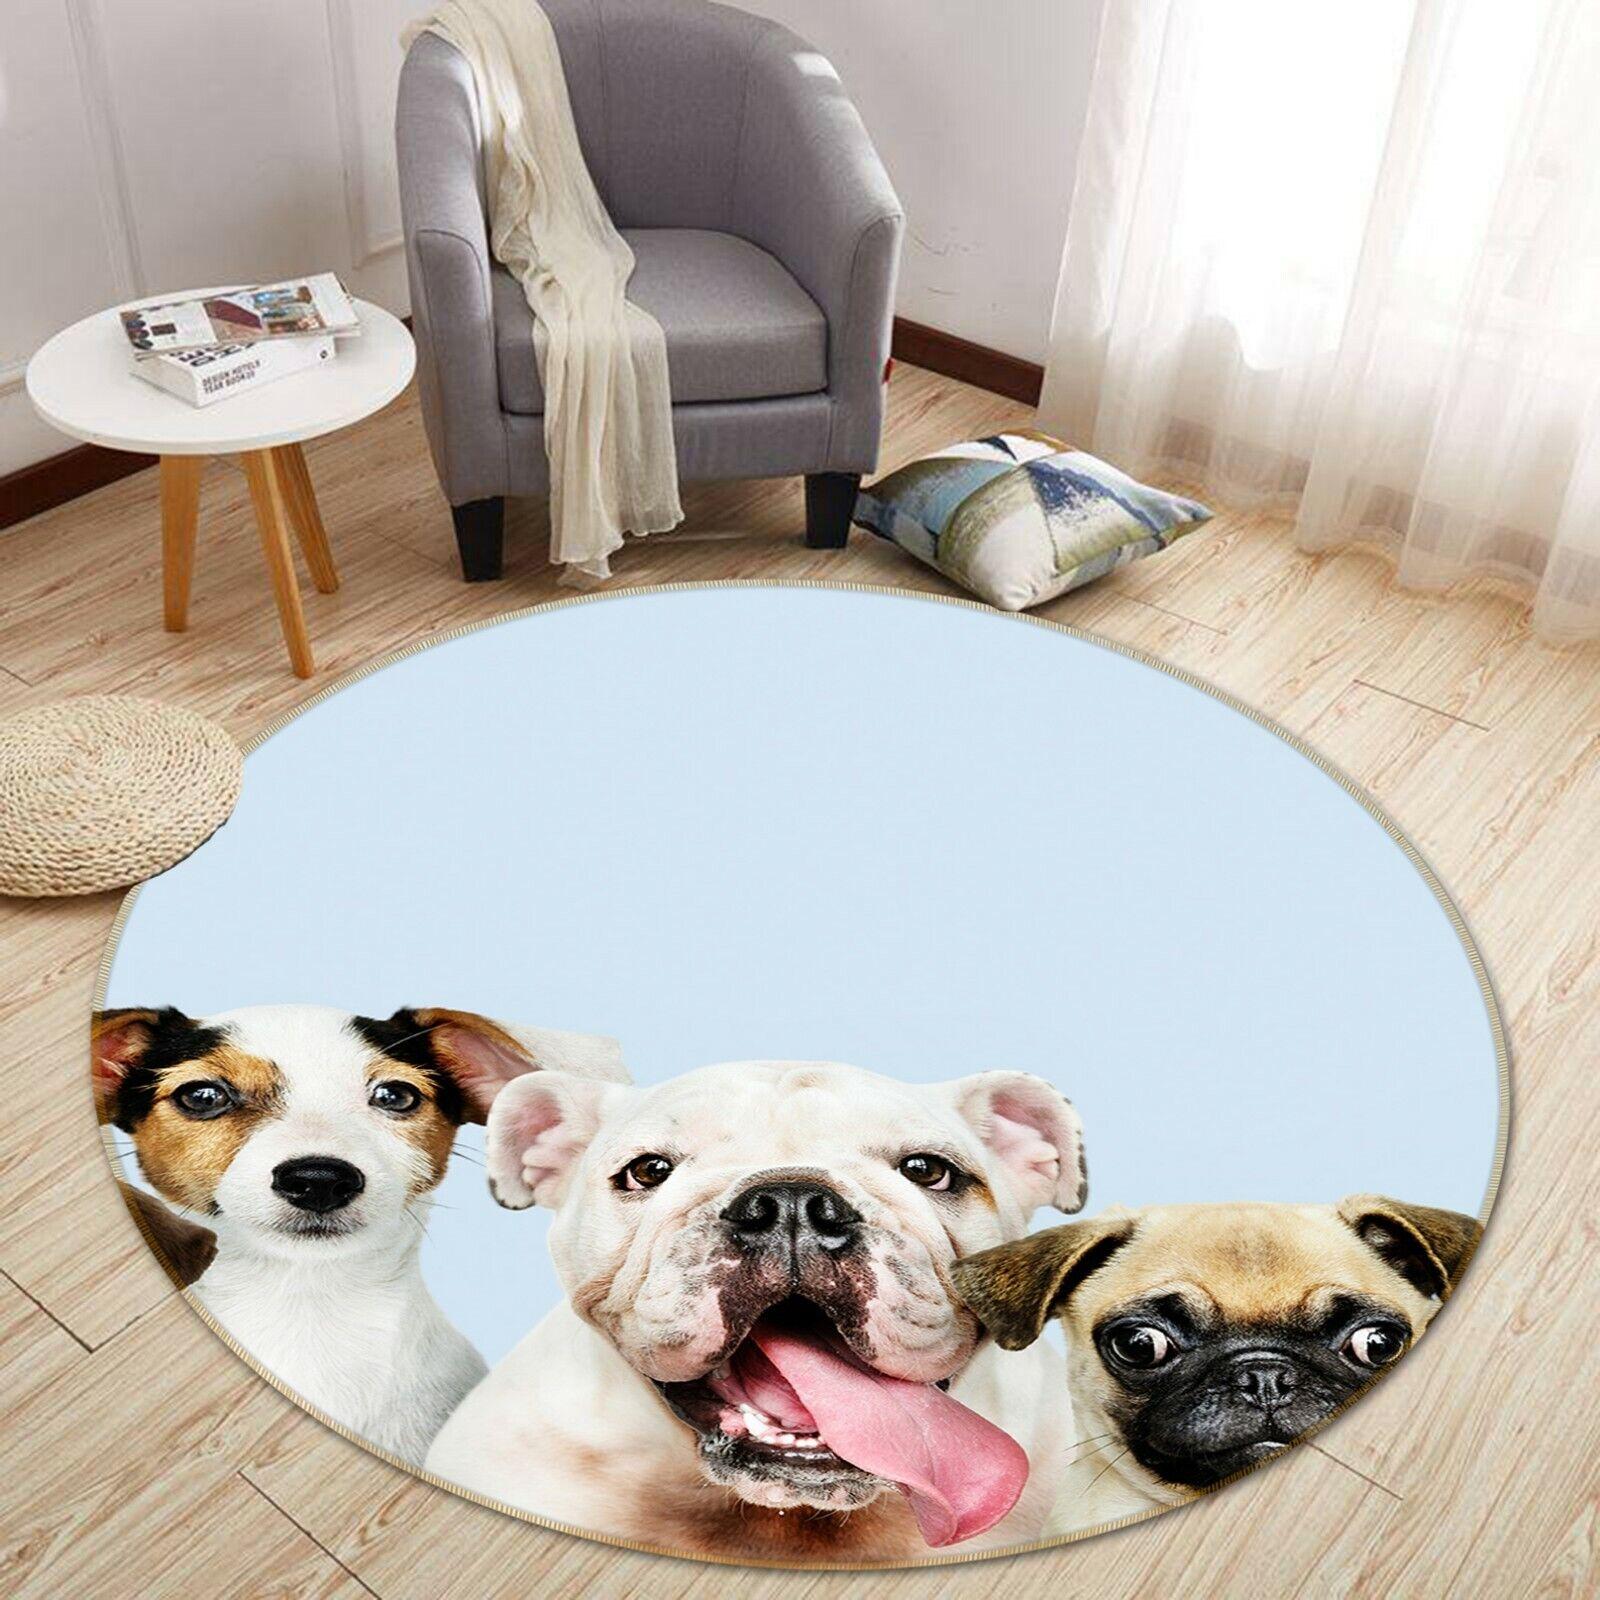 3D Little bianca Dog C40 Animal Non Slip Rug Mat Elegant Photo Carpet Zoe